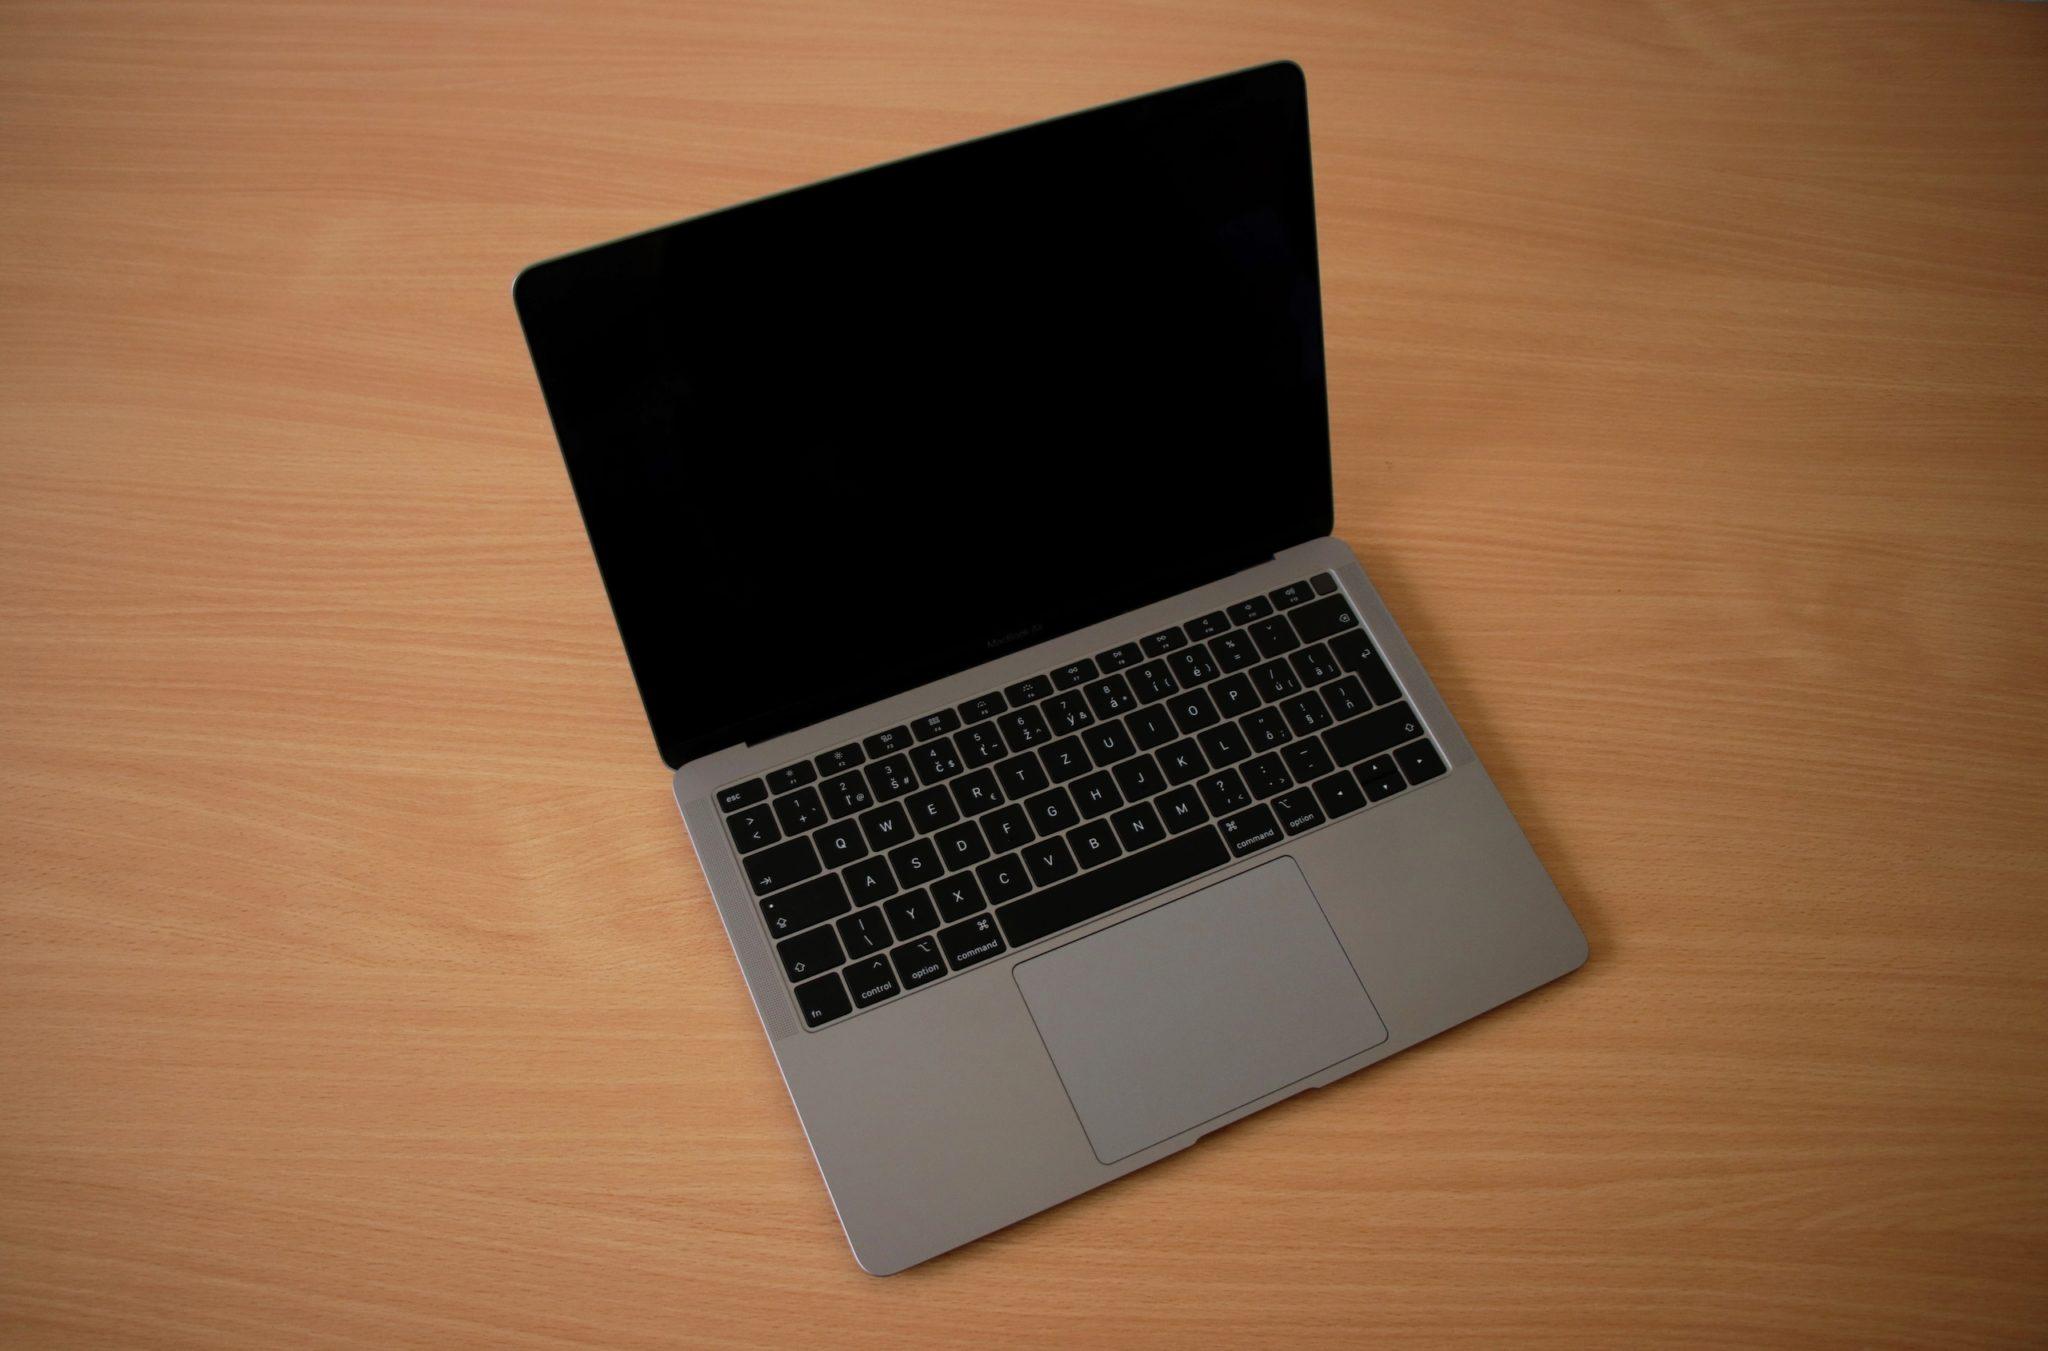 Apple predstavil staro-nový Mac Pro a úplne.